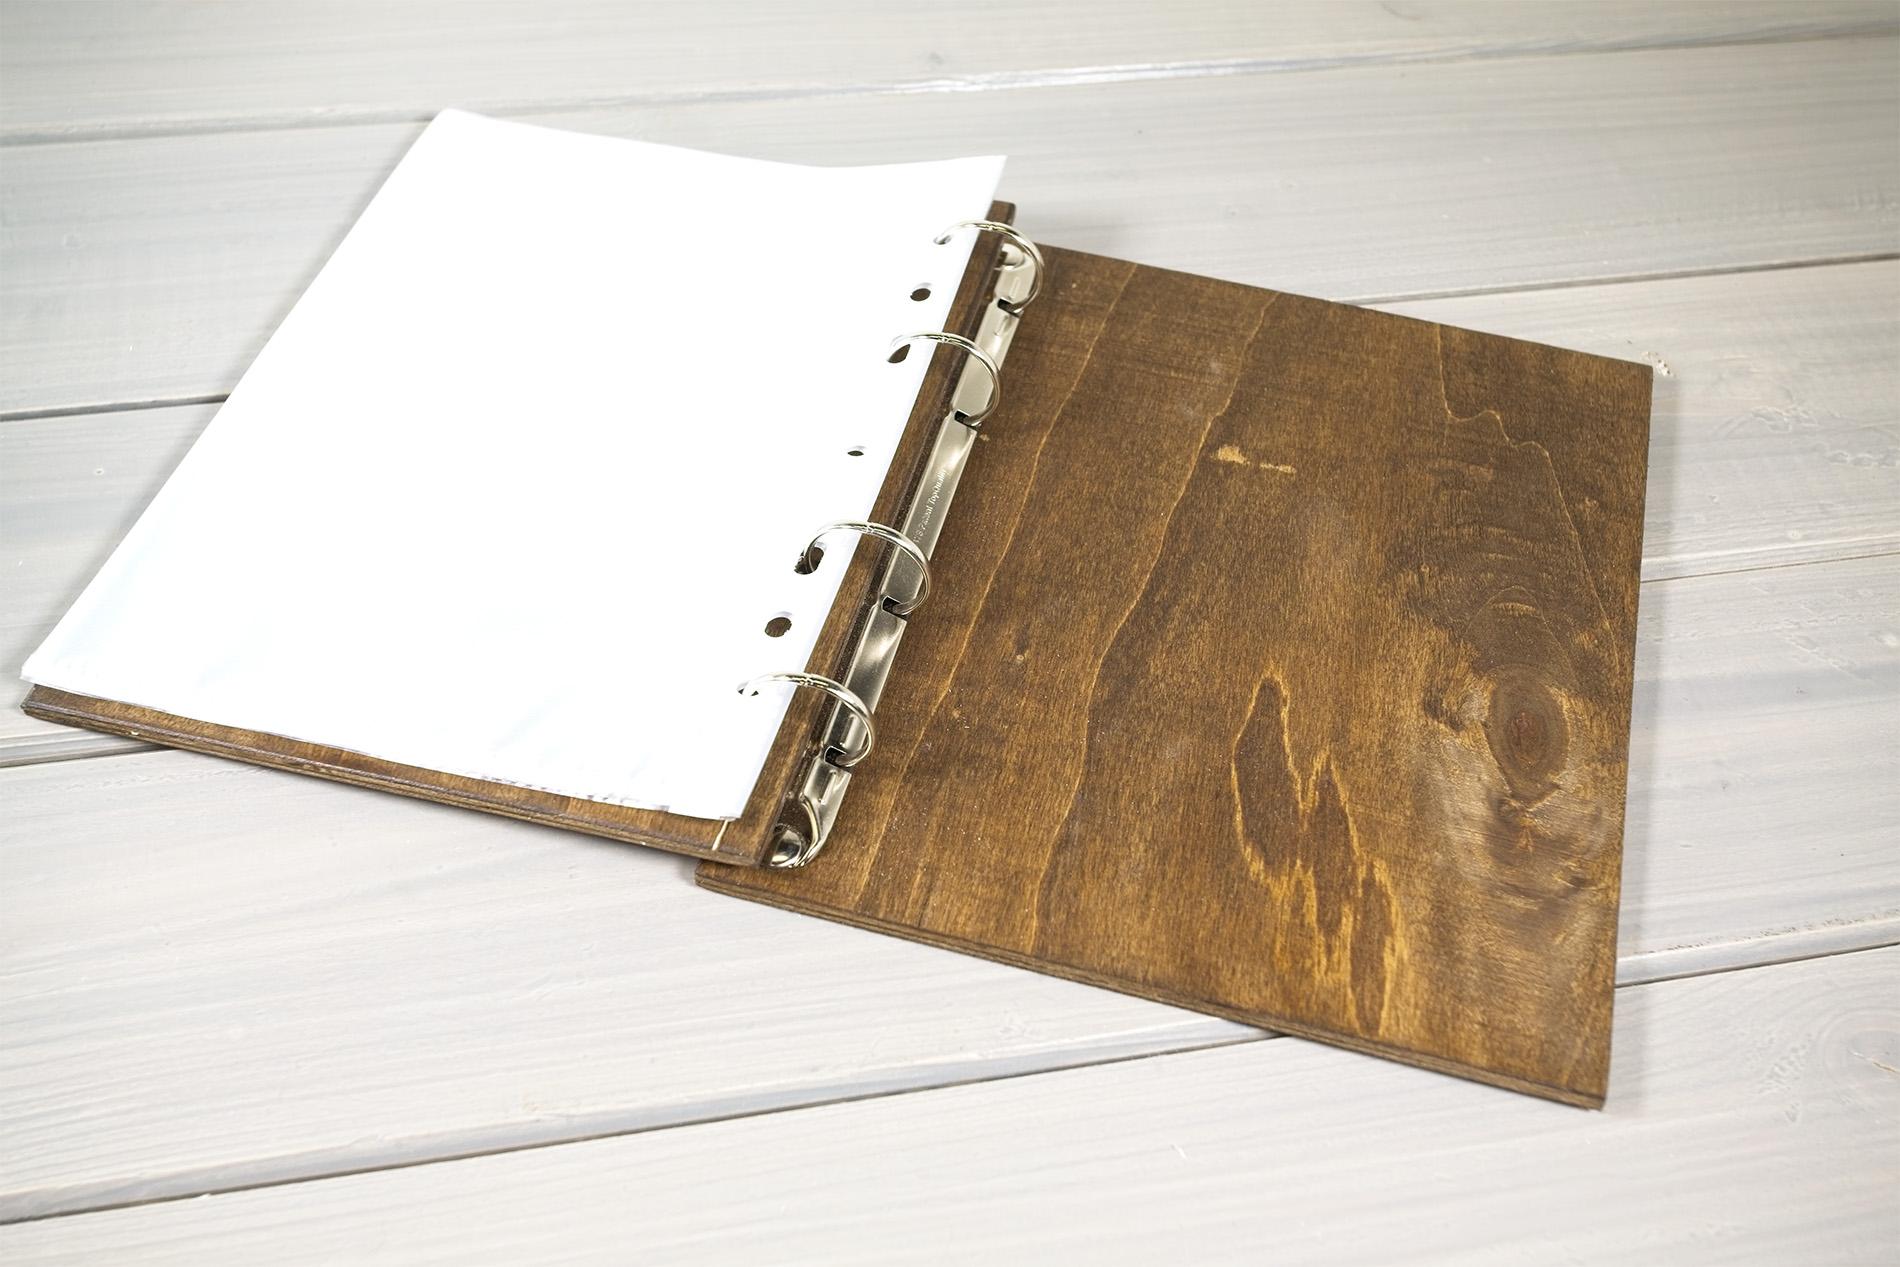 Portamenu Papireto Per Fogli A5 Con Buste In Plastica Personalizzato In Noce Scuro